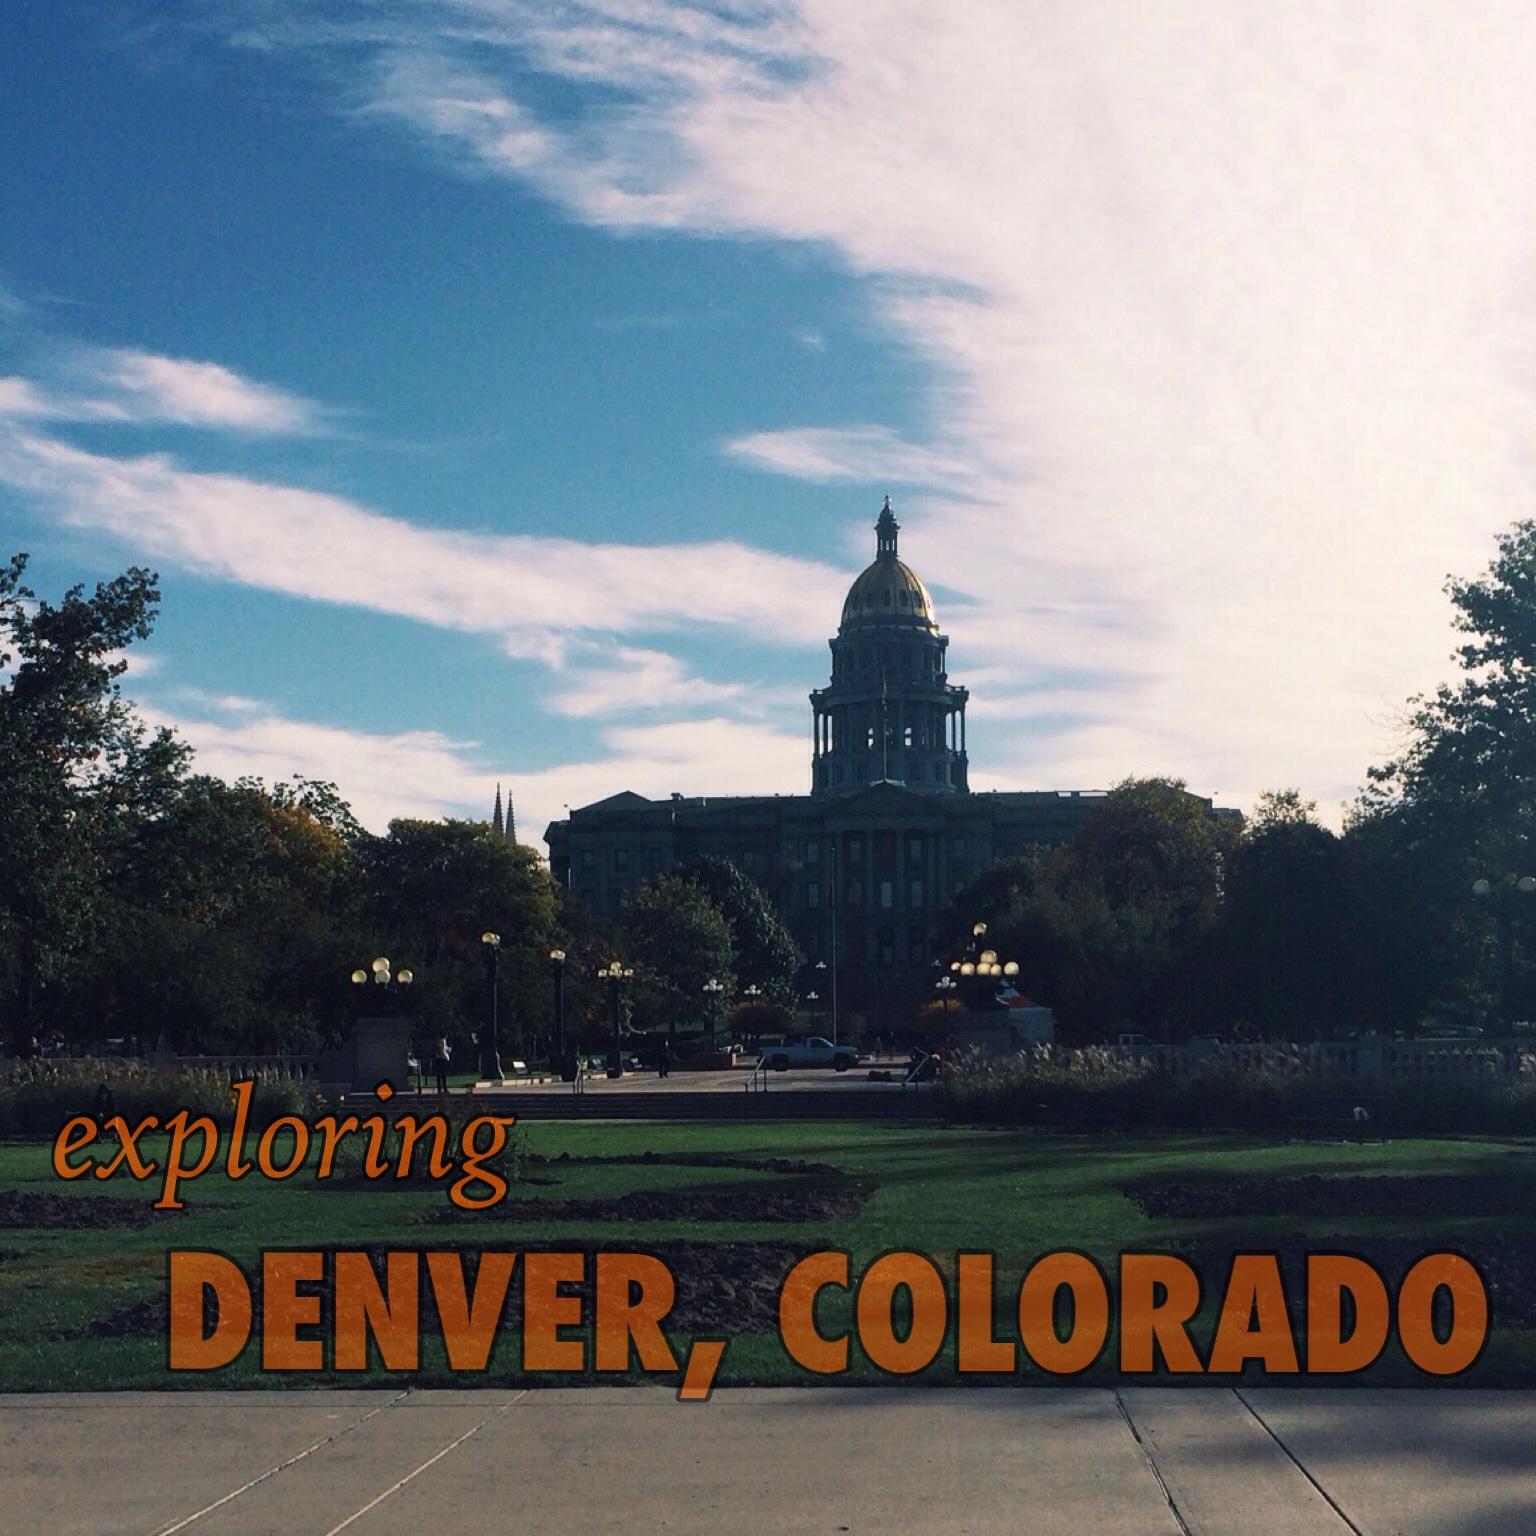 Exploring Denver, Colorado